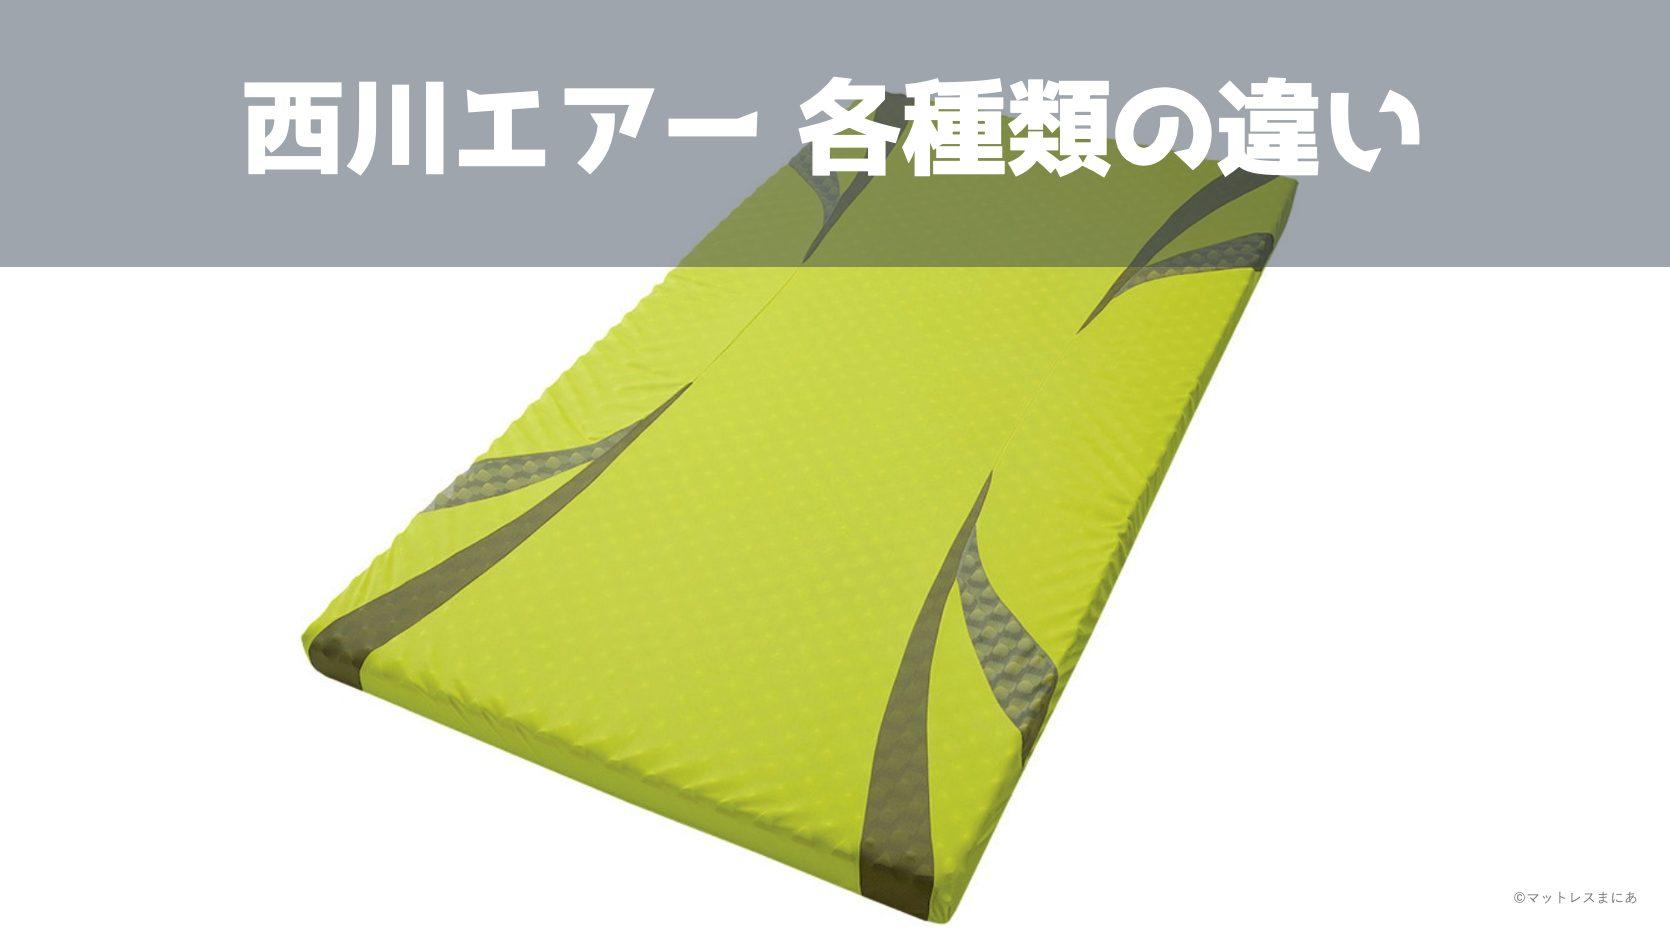 【西川エアー全比較】各種類の違い&選び方 01/SE/03/SI/SXどれが良い?